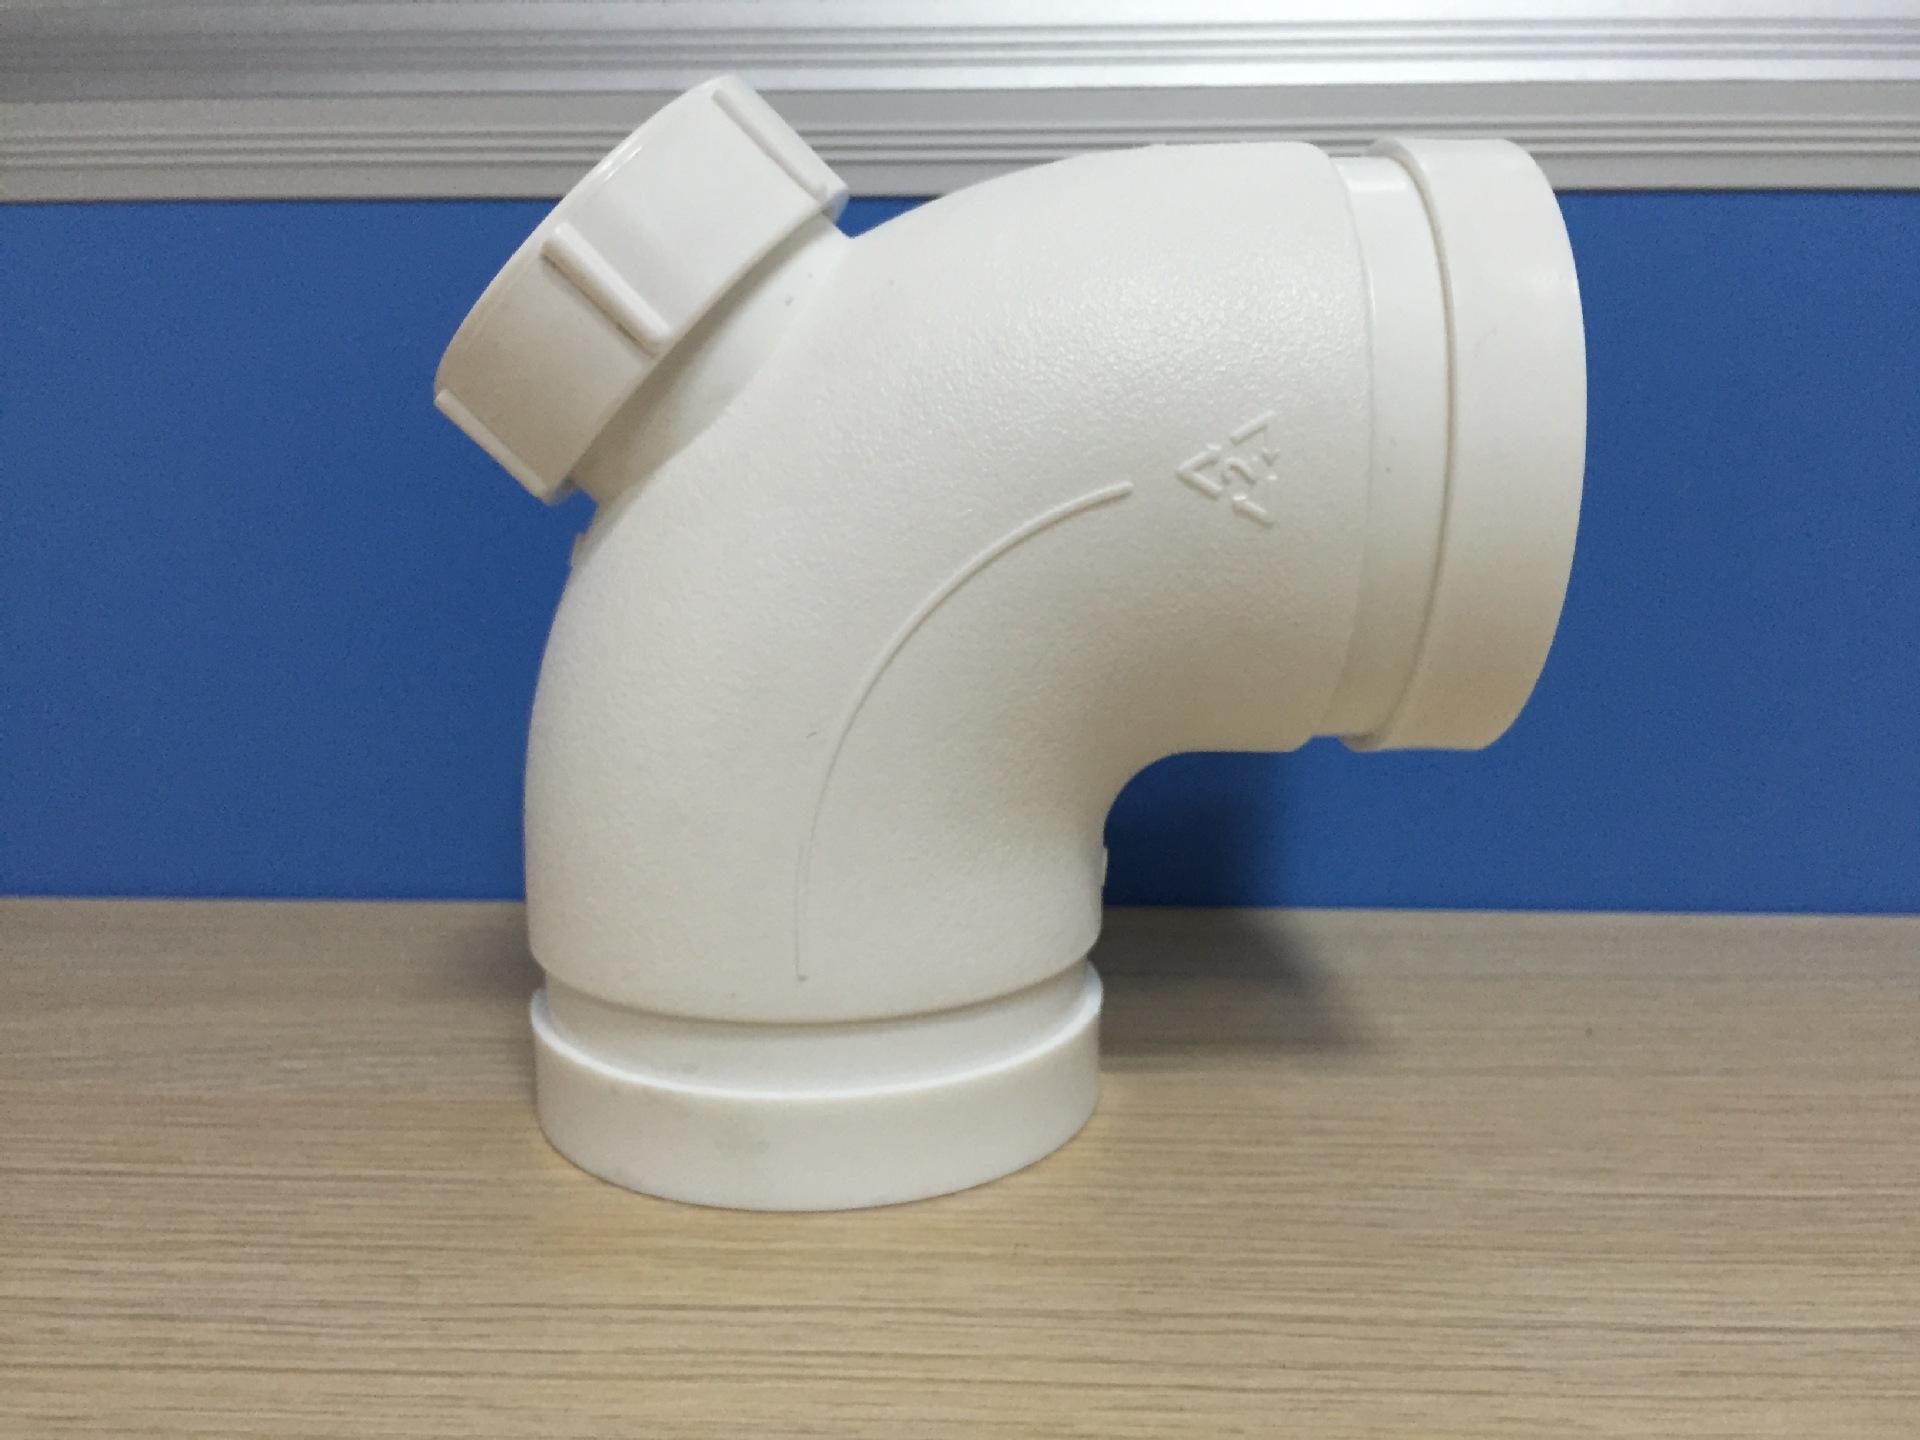 沟槽式HDPE排水管,HDPE沟槽中空管,PE排水管,90°弯头(带检)示例图6